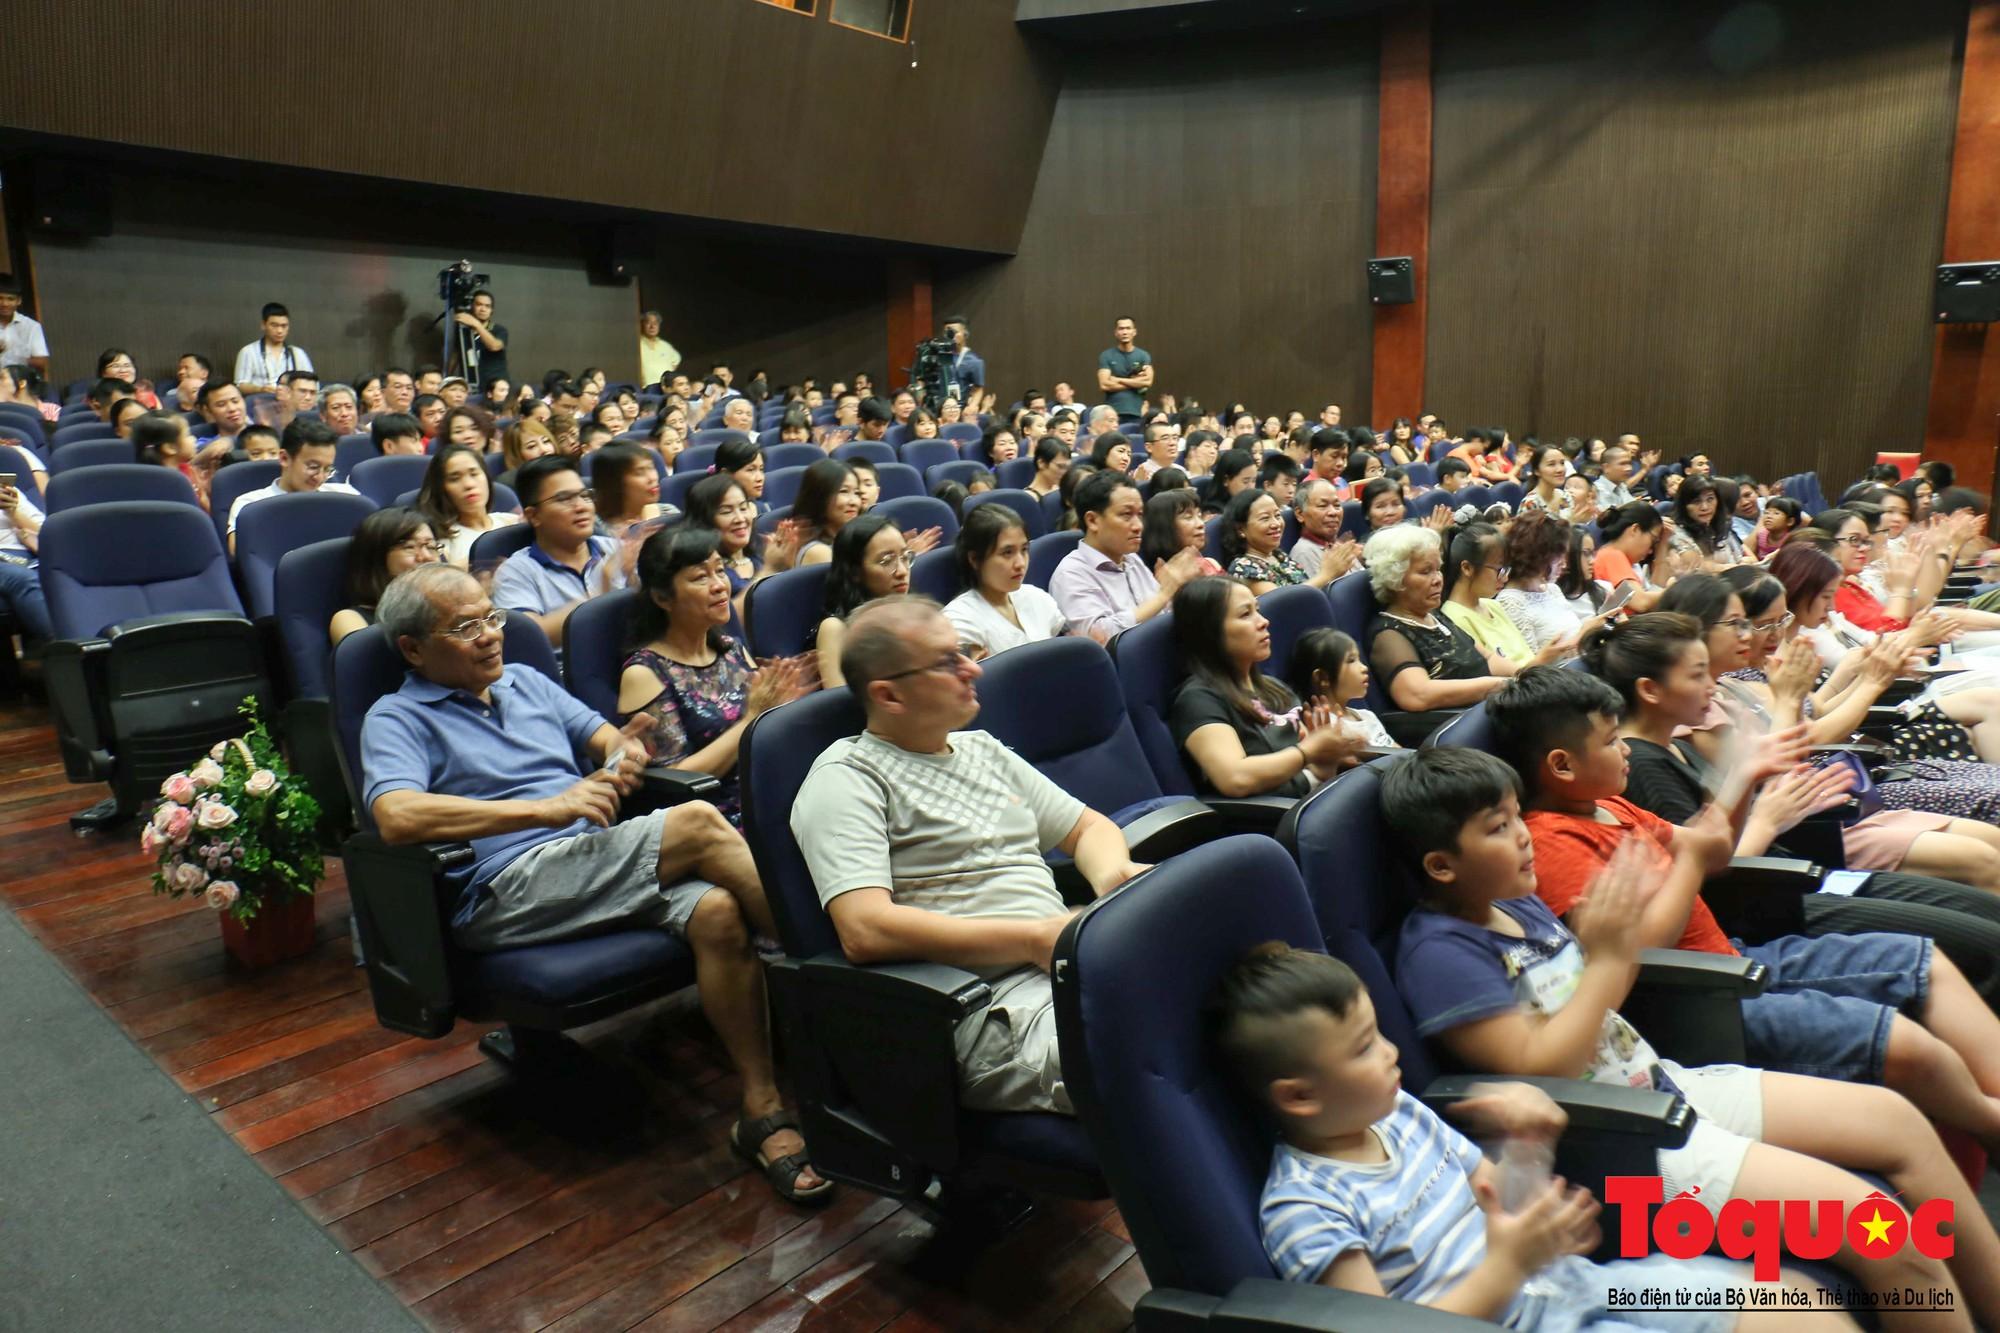 Dàn nhạc giao hưởng nhí đầu tiên của Việt Nam biểu diễn gây quỹ từ thiện (1)